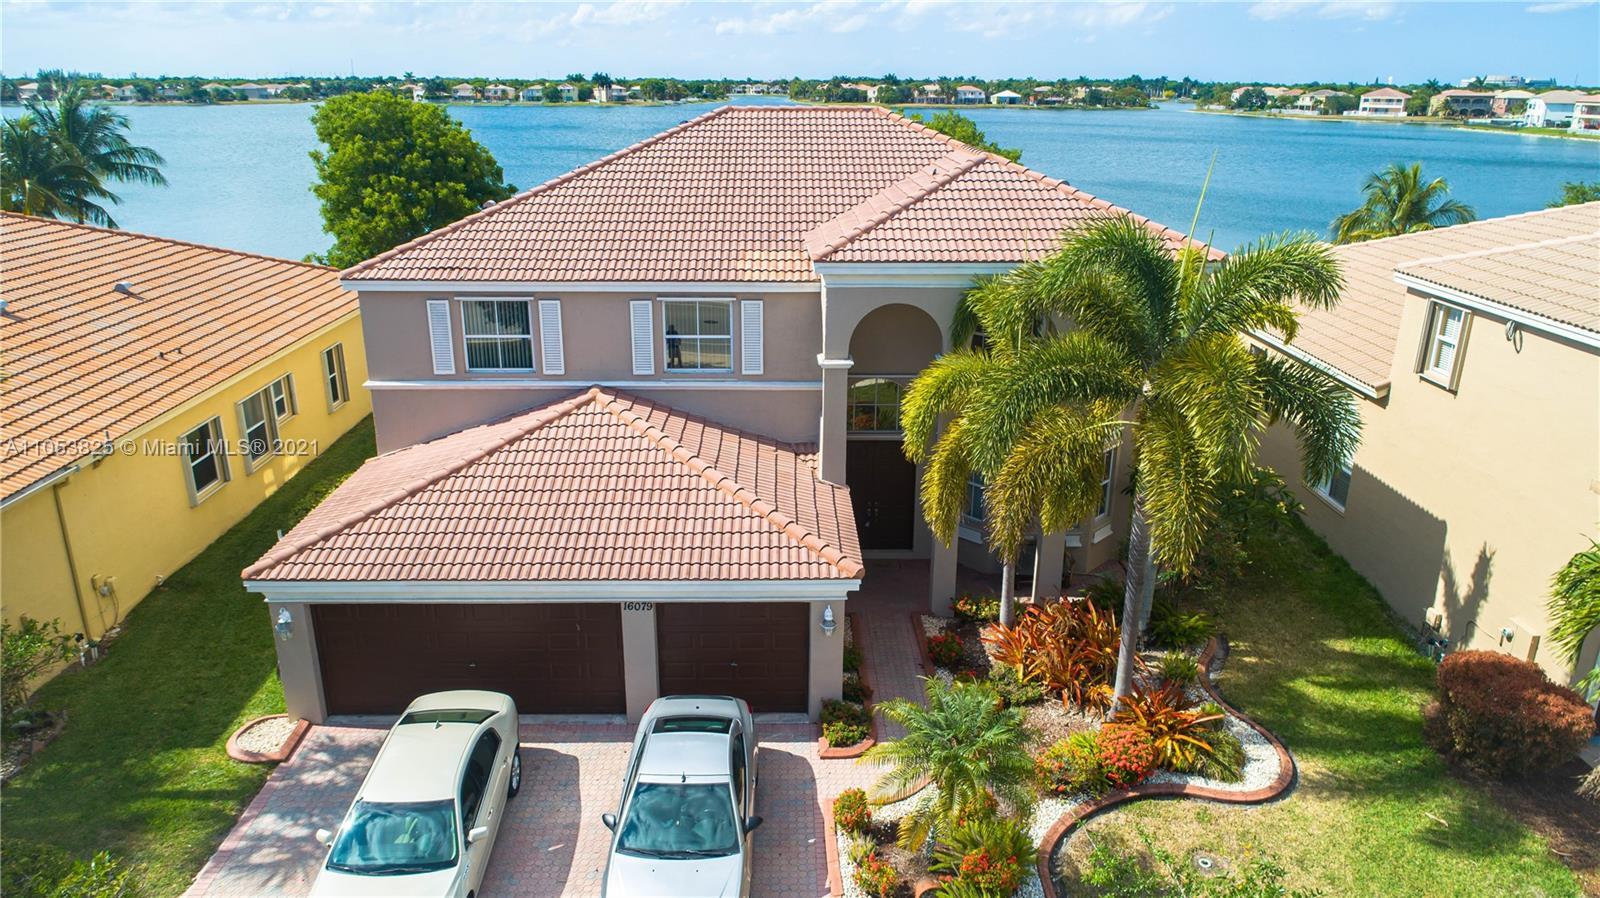 Riviera Isles - 16079 SW 54th Ct, Miramar, FL 33027